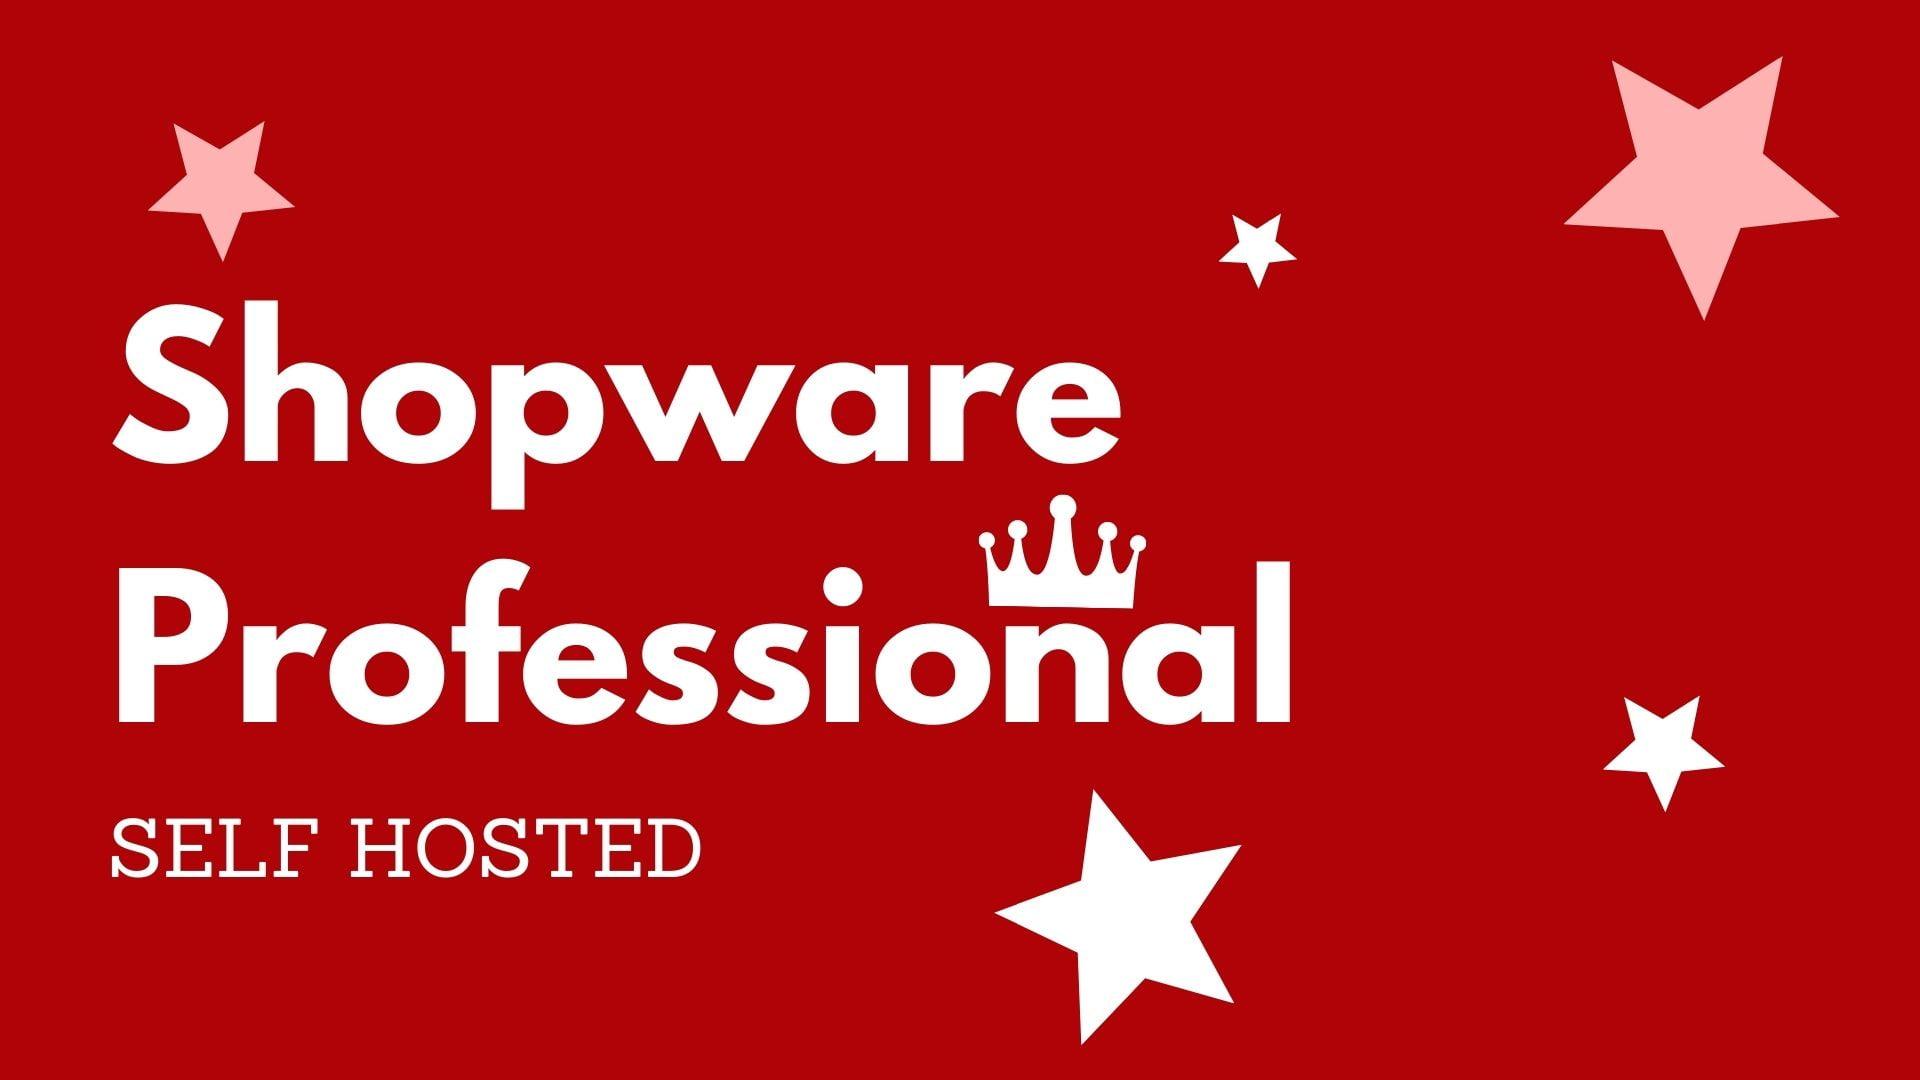 Shopware Professional